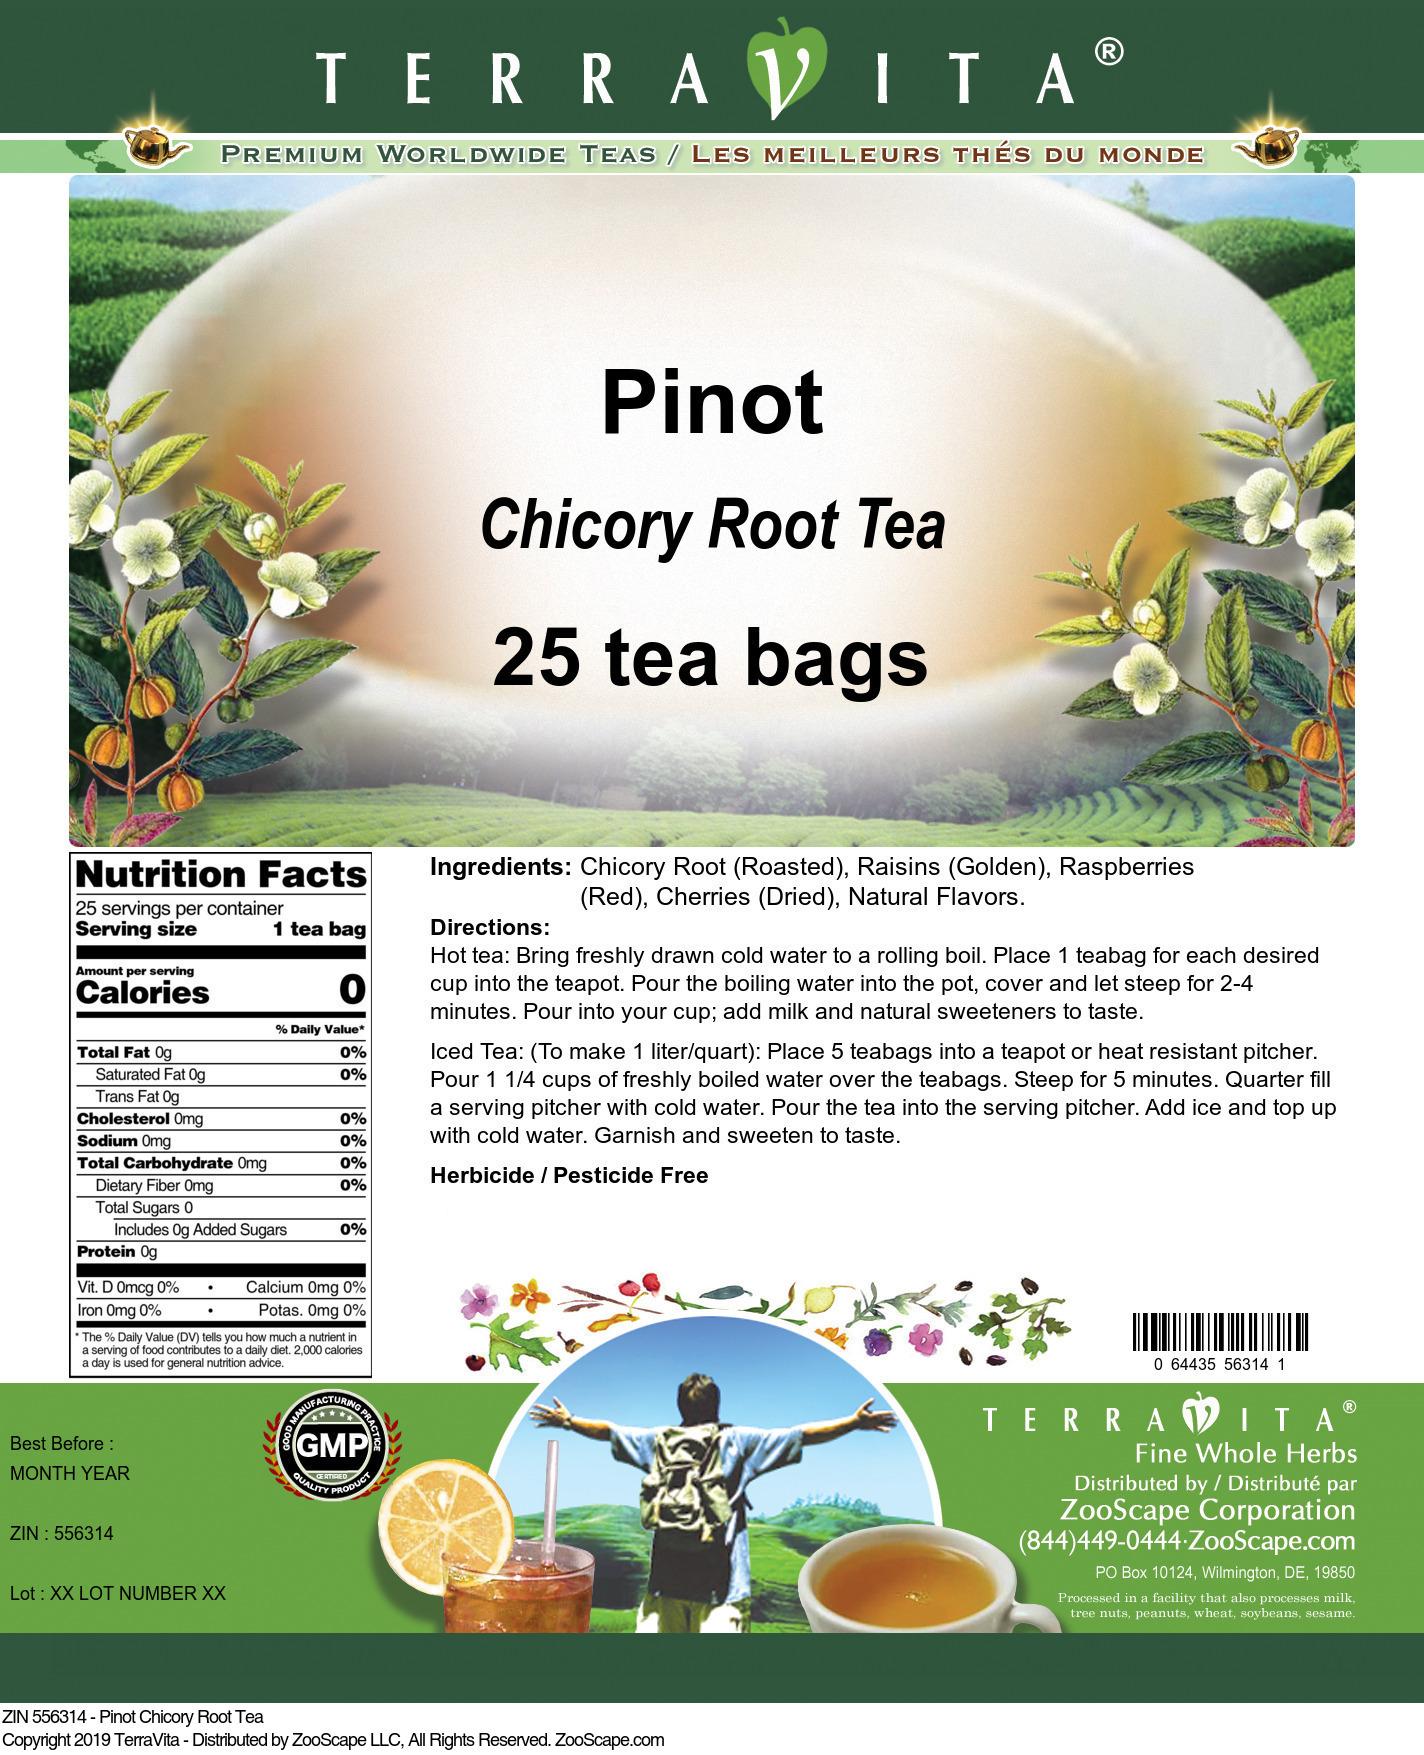 Pinot Chicory Root Tea